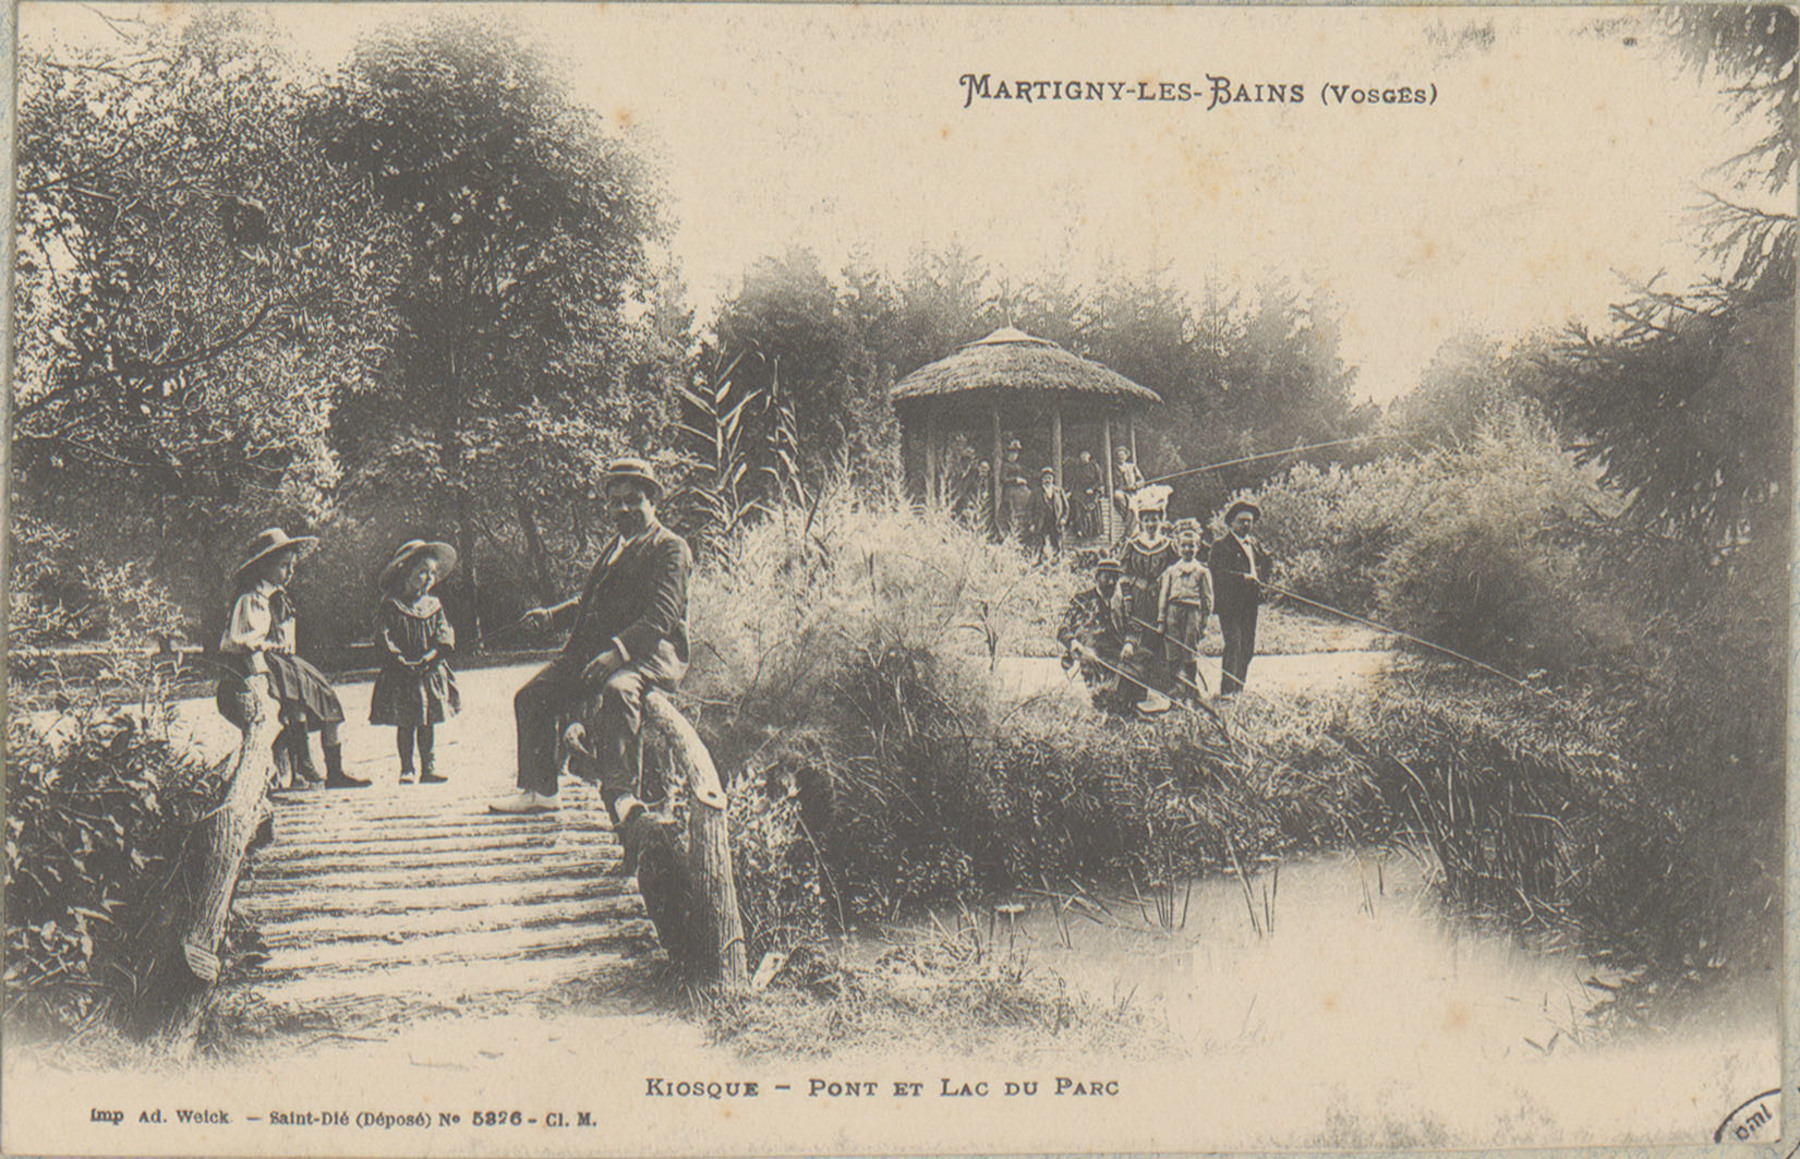 Contenu du Martigny-les-Bains (Vosges), Kiosque